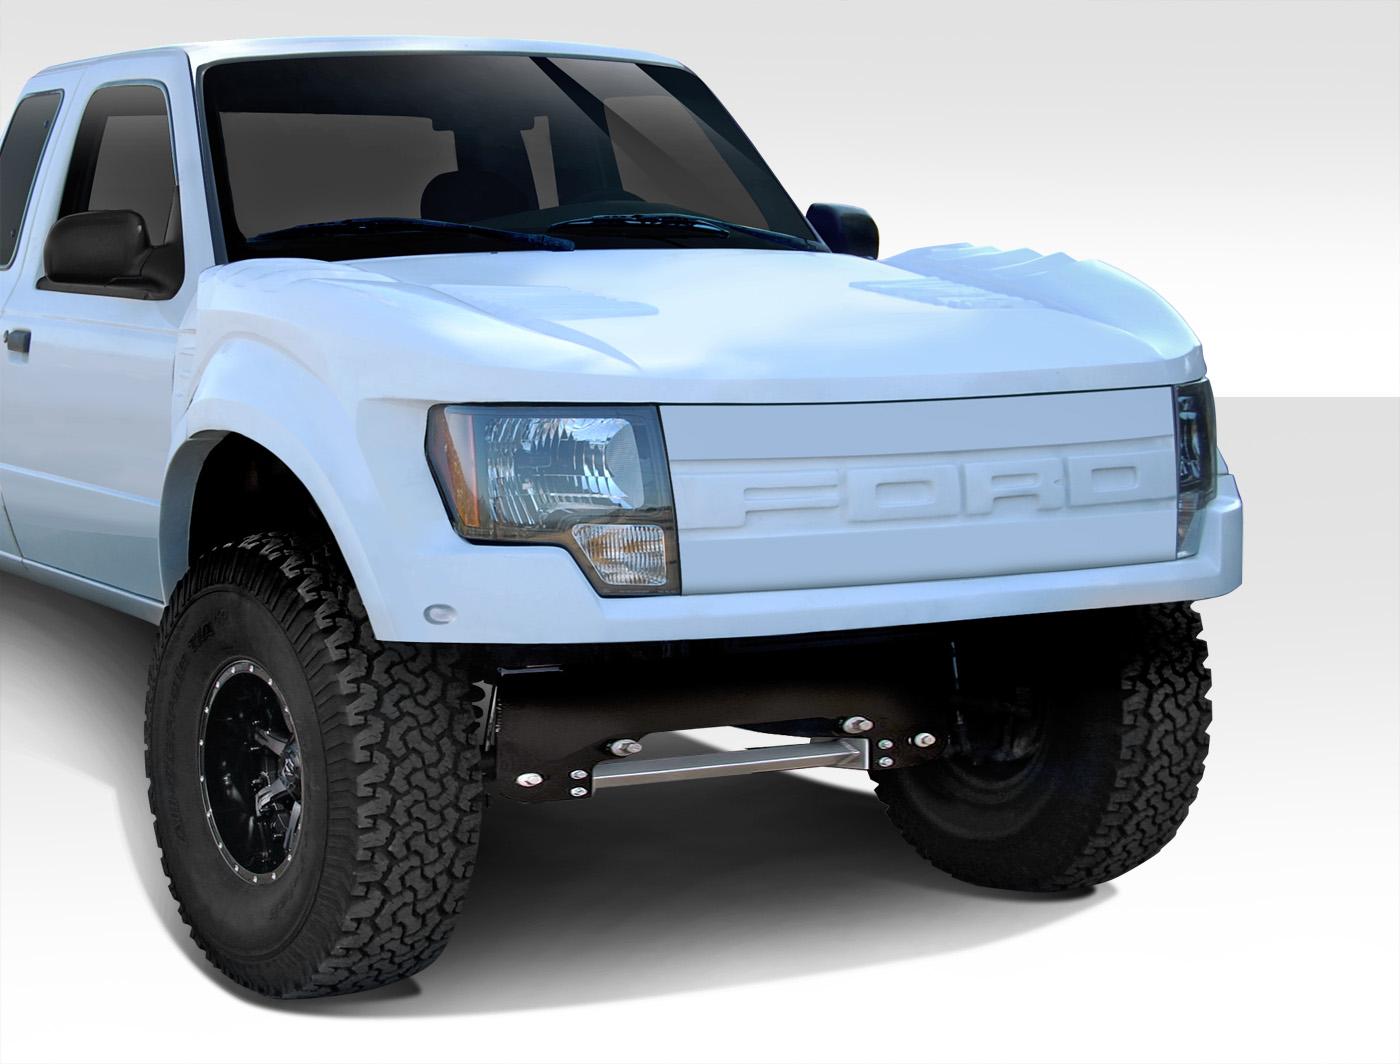 Image is loading 93 11 ford ranger conv duraflex body kit